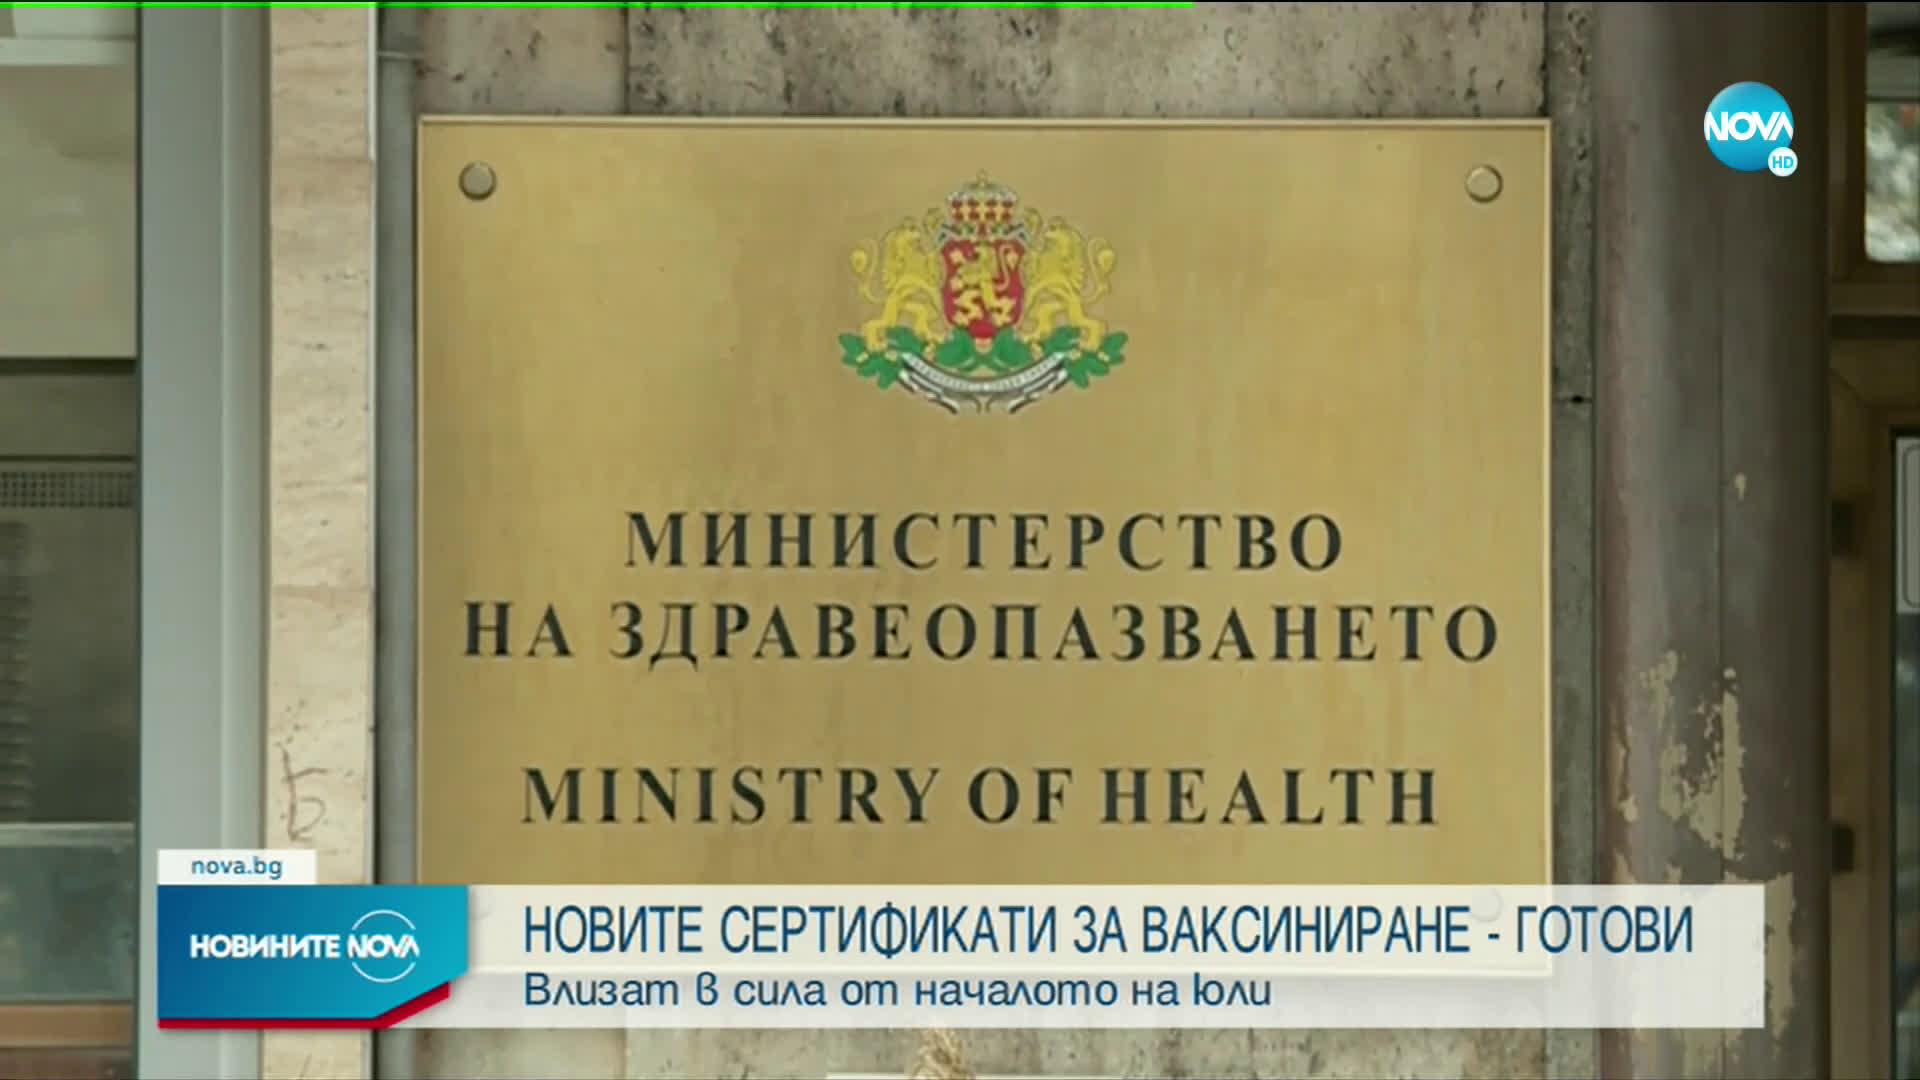 Показаха Европейския сертификат за ваксинация (ЗАПОВЕД)